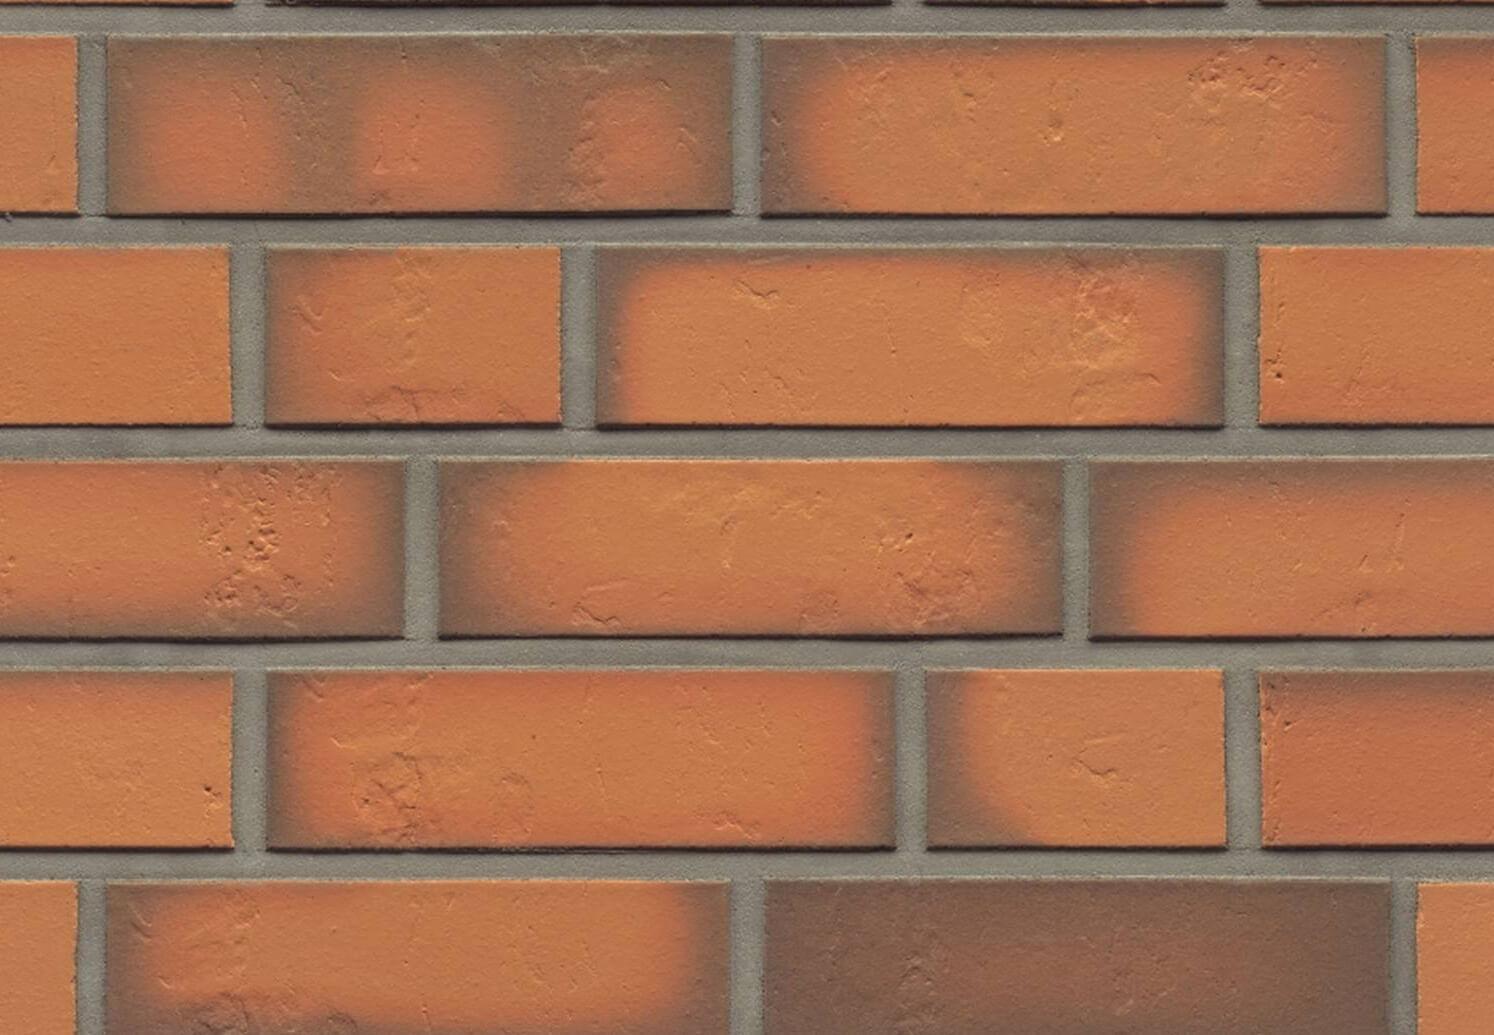 Облицовочная клинкерная плитка Feldhaus Klinker, Accudo, R718NF14, поверхность под шагрень, terracotta vivo